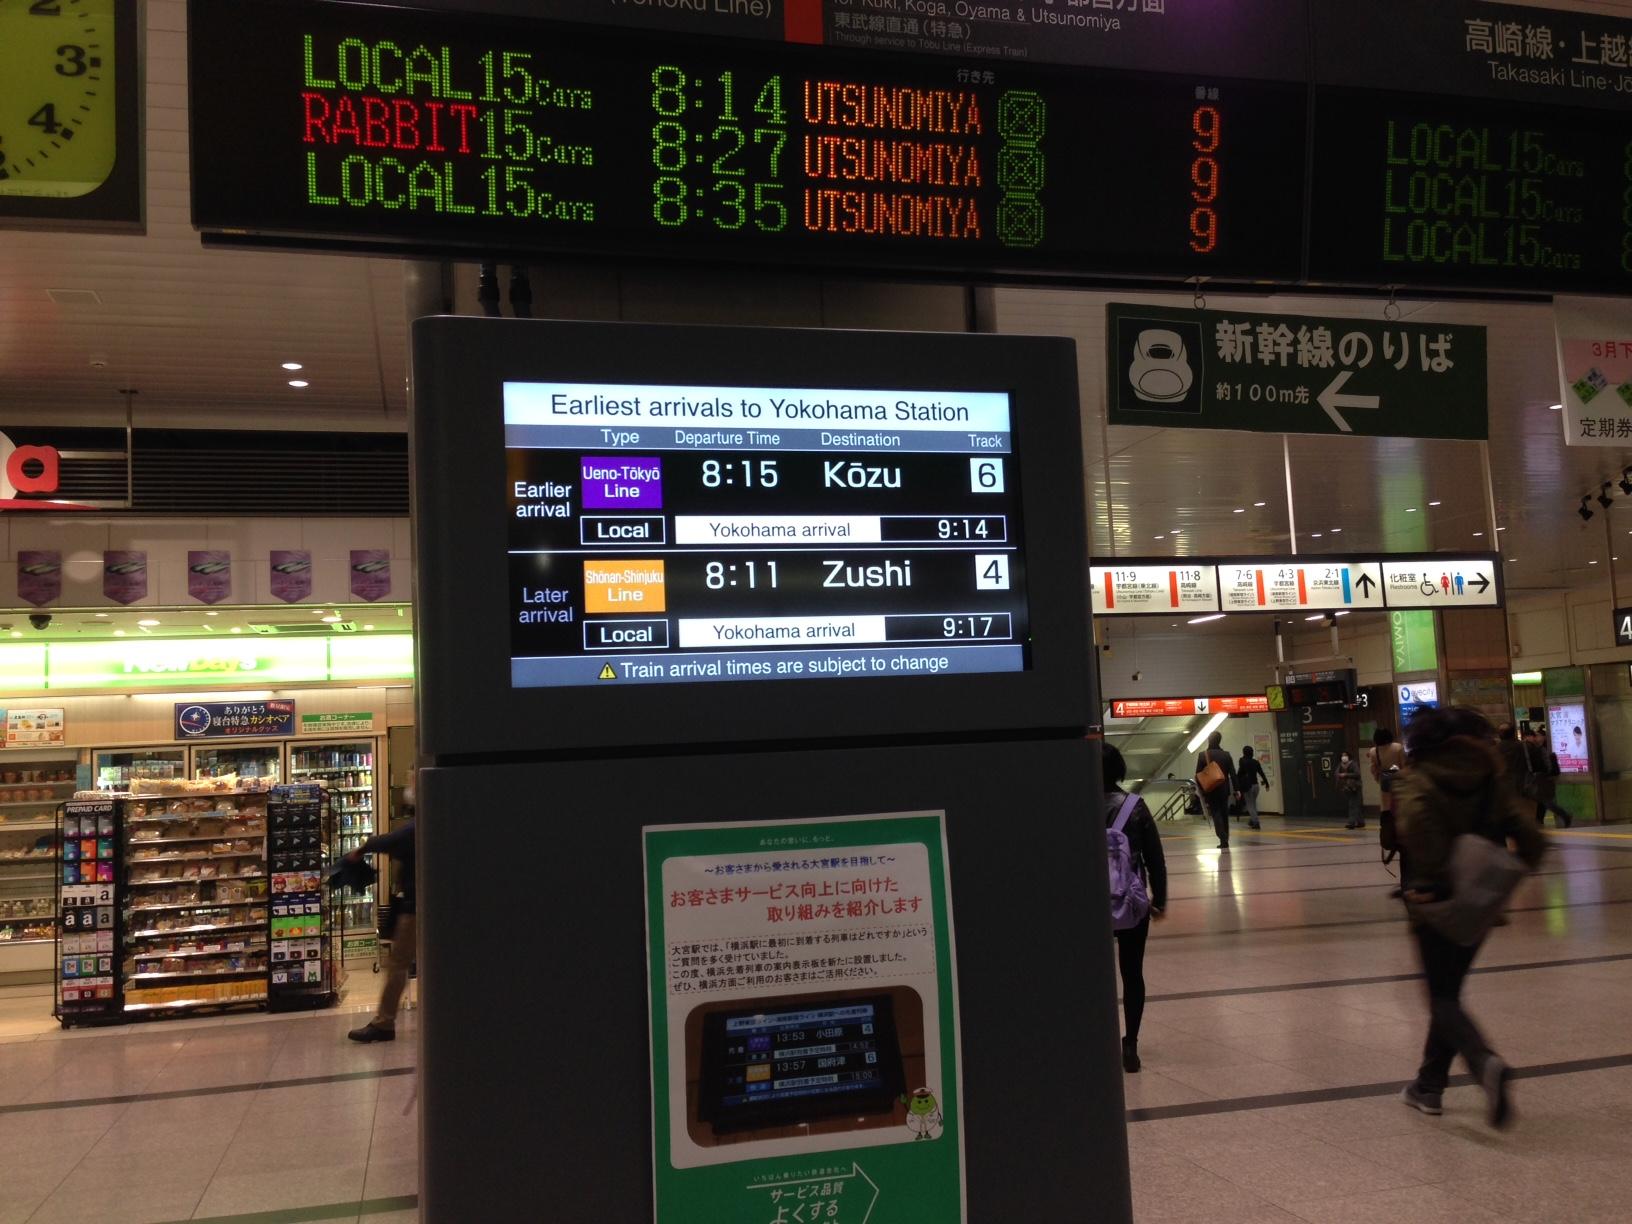 横浜駅先着列車表示板